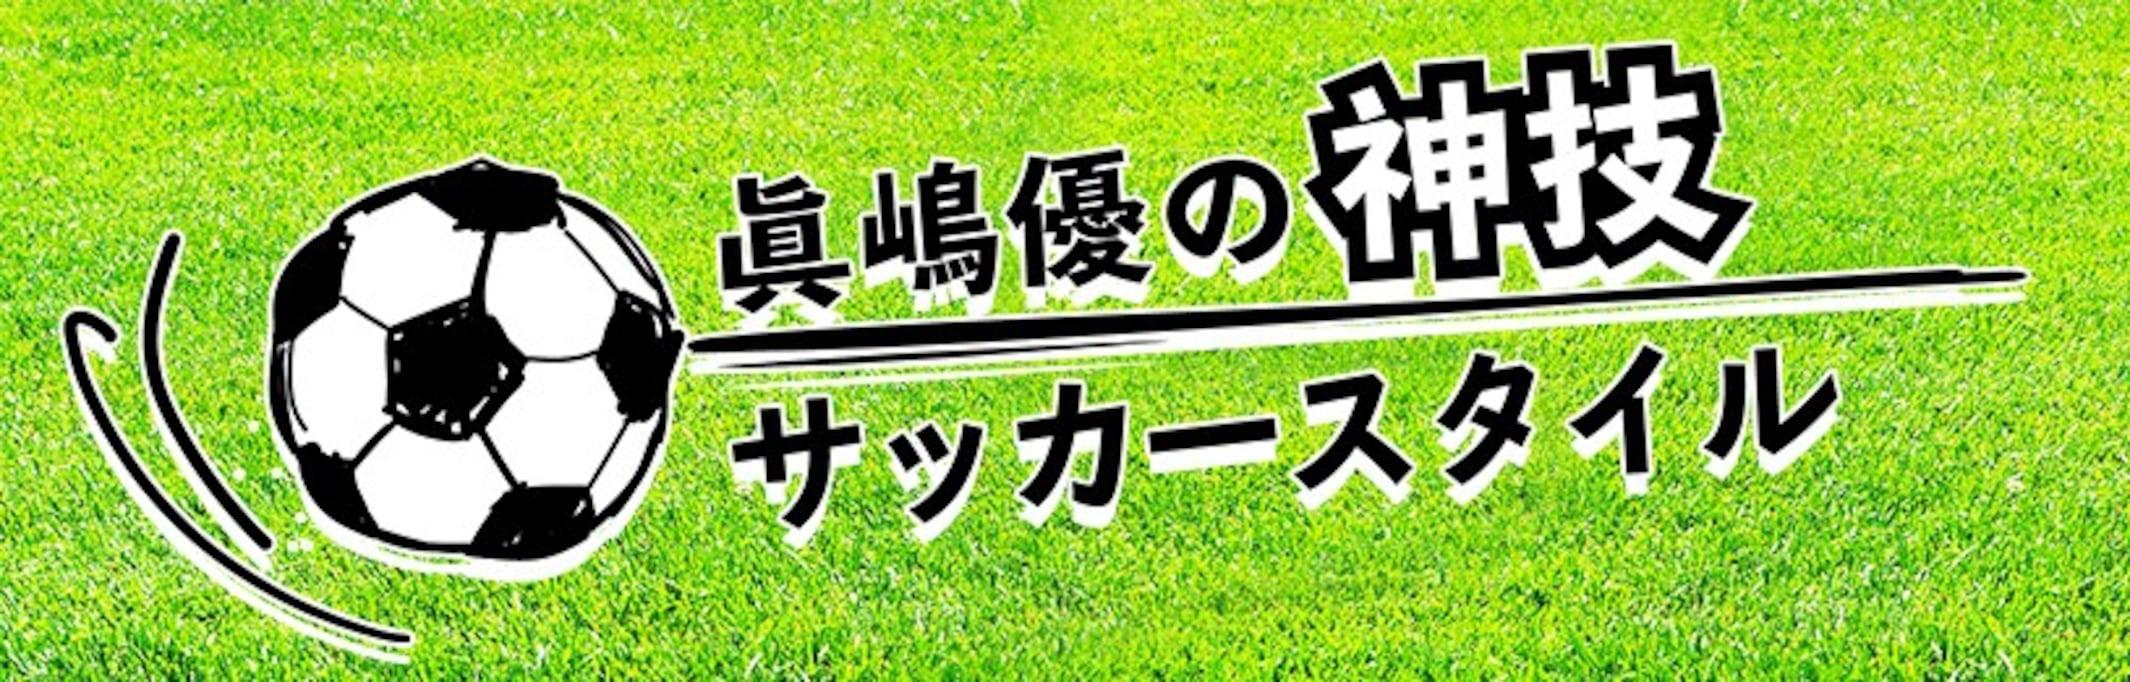 眞嶋優の神業サッカースタイル